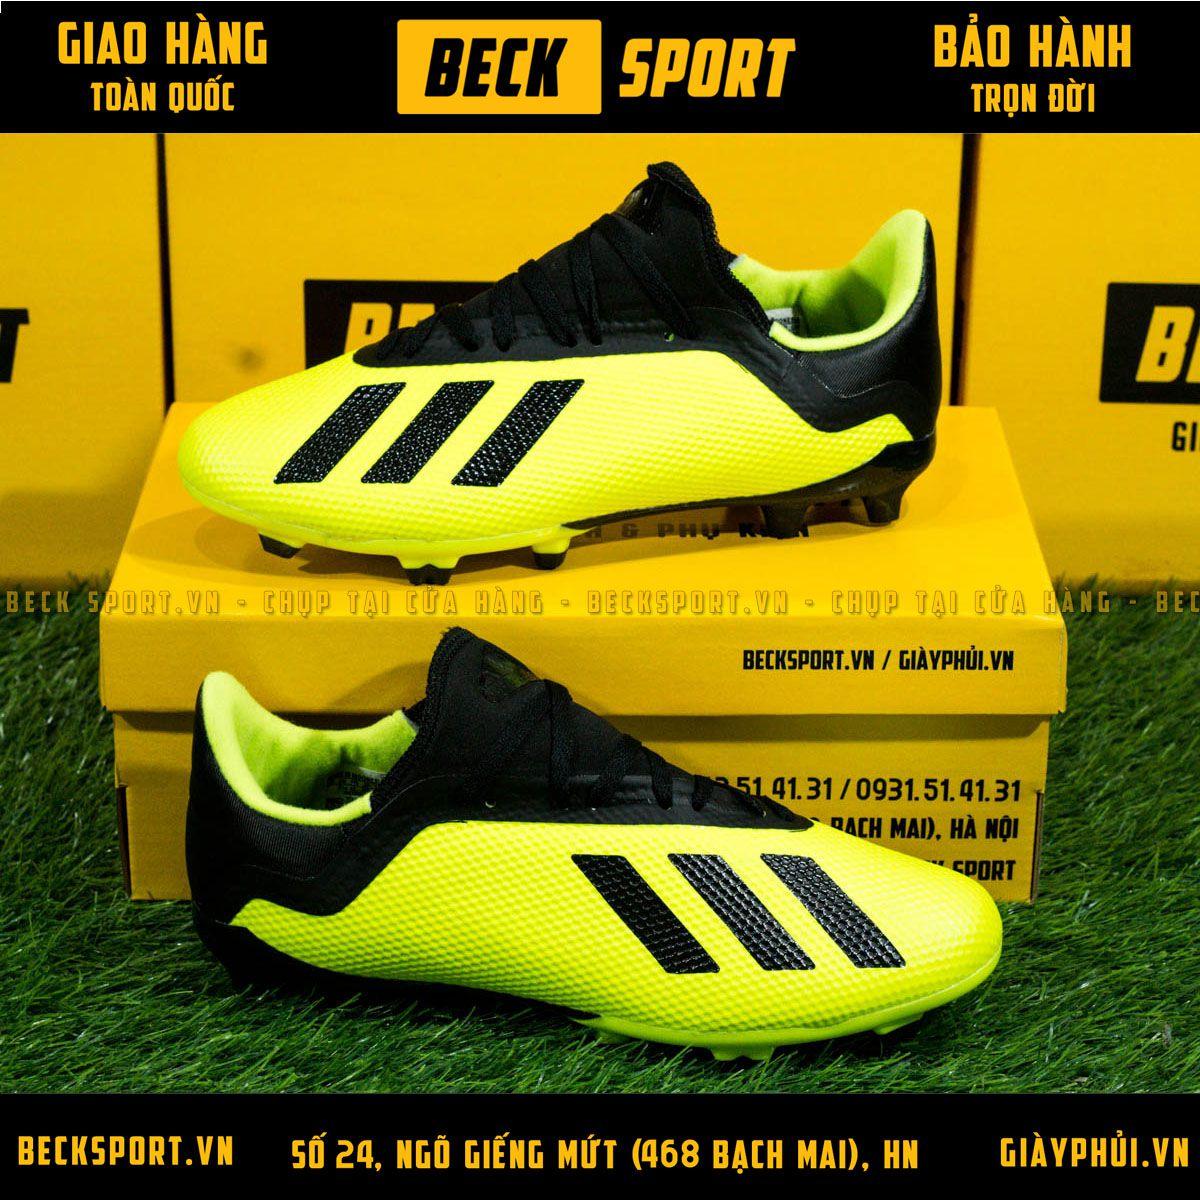 Giày Bóng Đá Adidas X 18.3 Nõn Chuối Vạch Đen Cổ Đen FG